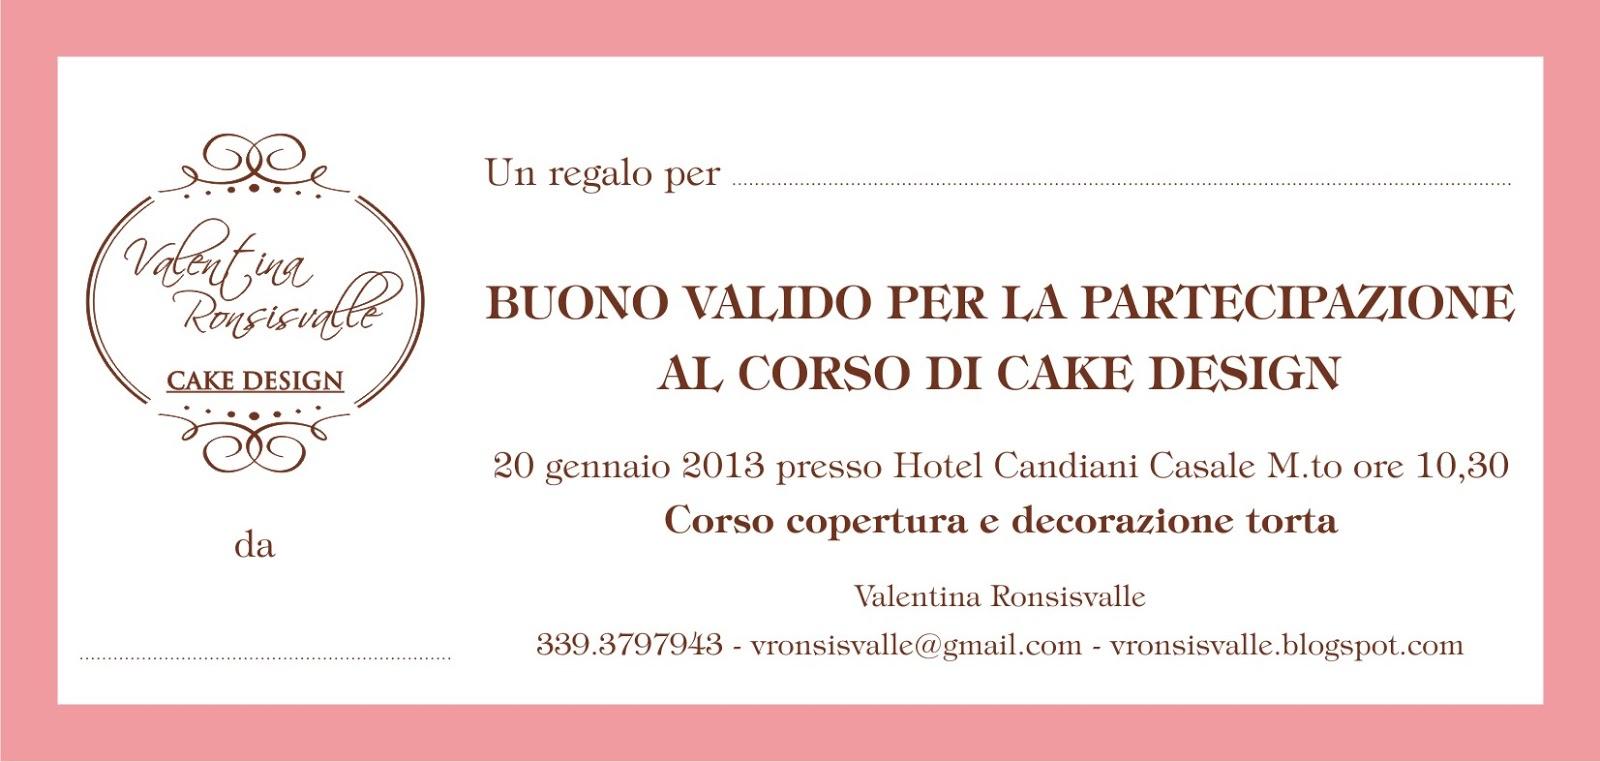 Corso Di Cake Design Gratuito Roma : Valentina Ronsisvalle Patisserie & Cake design: un regalo ...